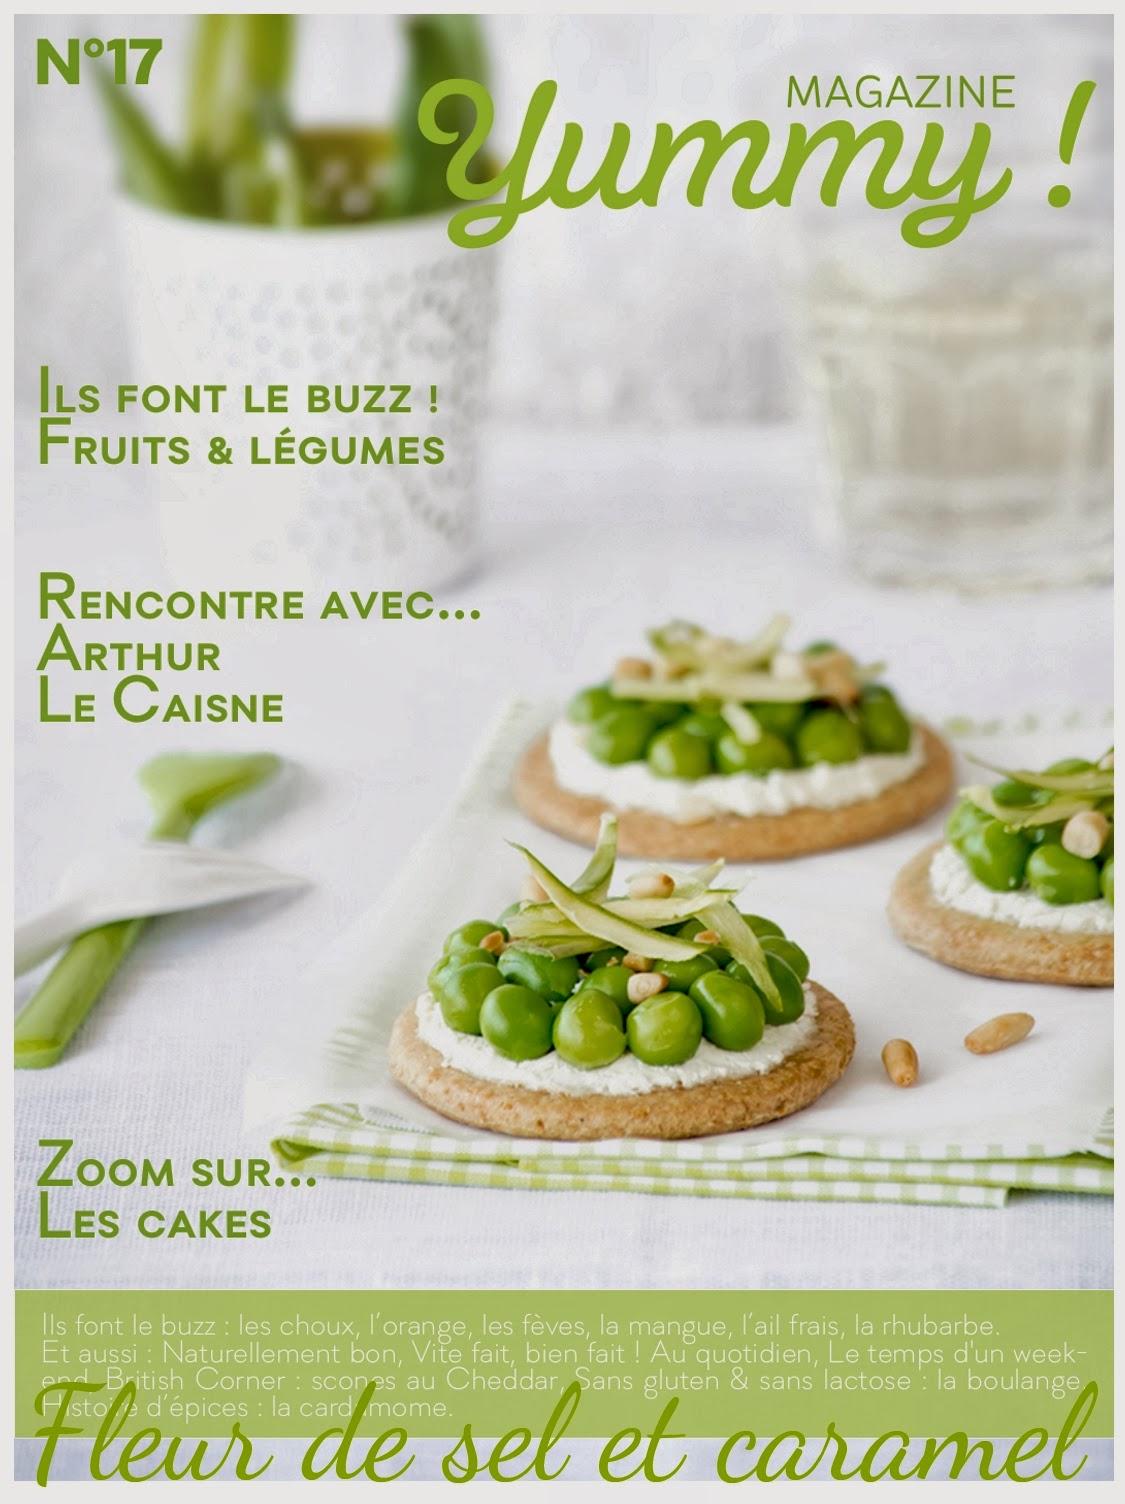 Yummy magazine n°17 en ligne